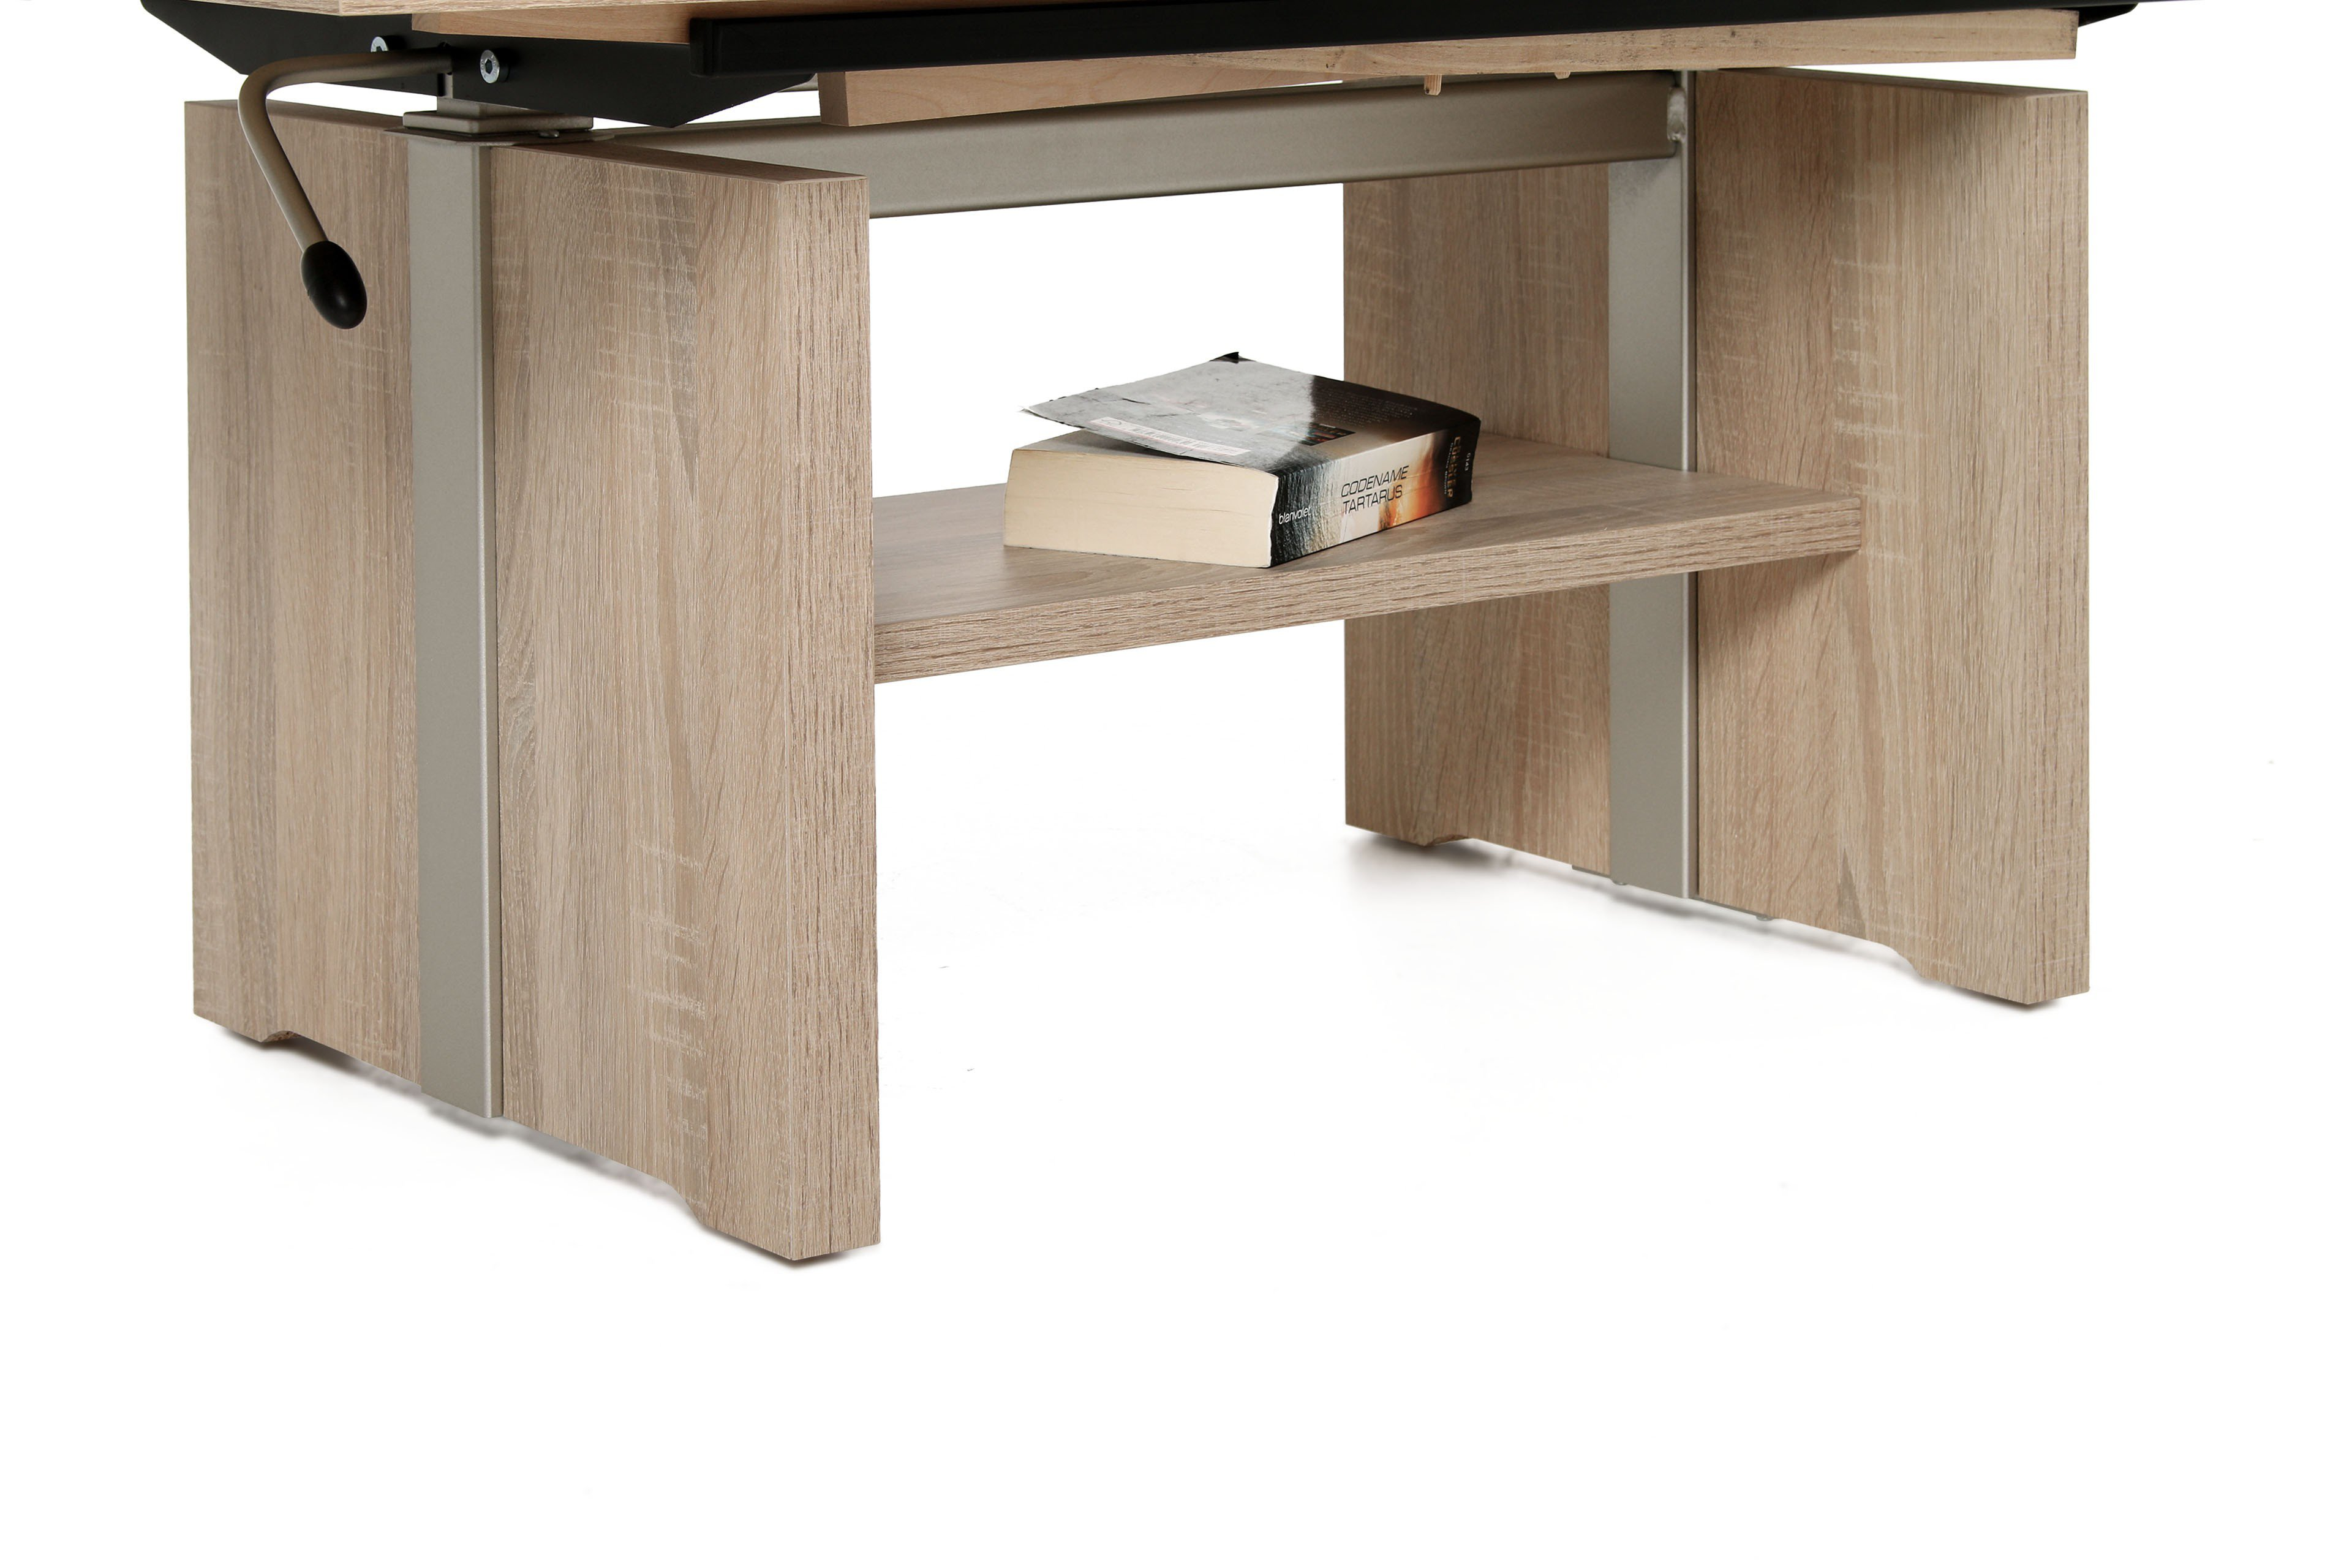 couchtisch paige aus der kollektion letz m bel letz. Black Bedroom Furniture Sets. Home Design Ideas